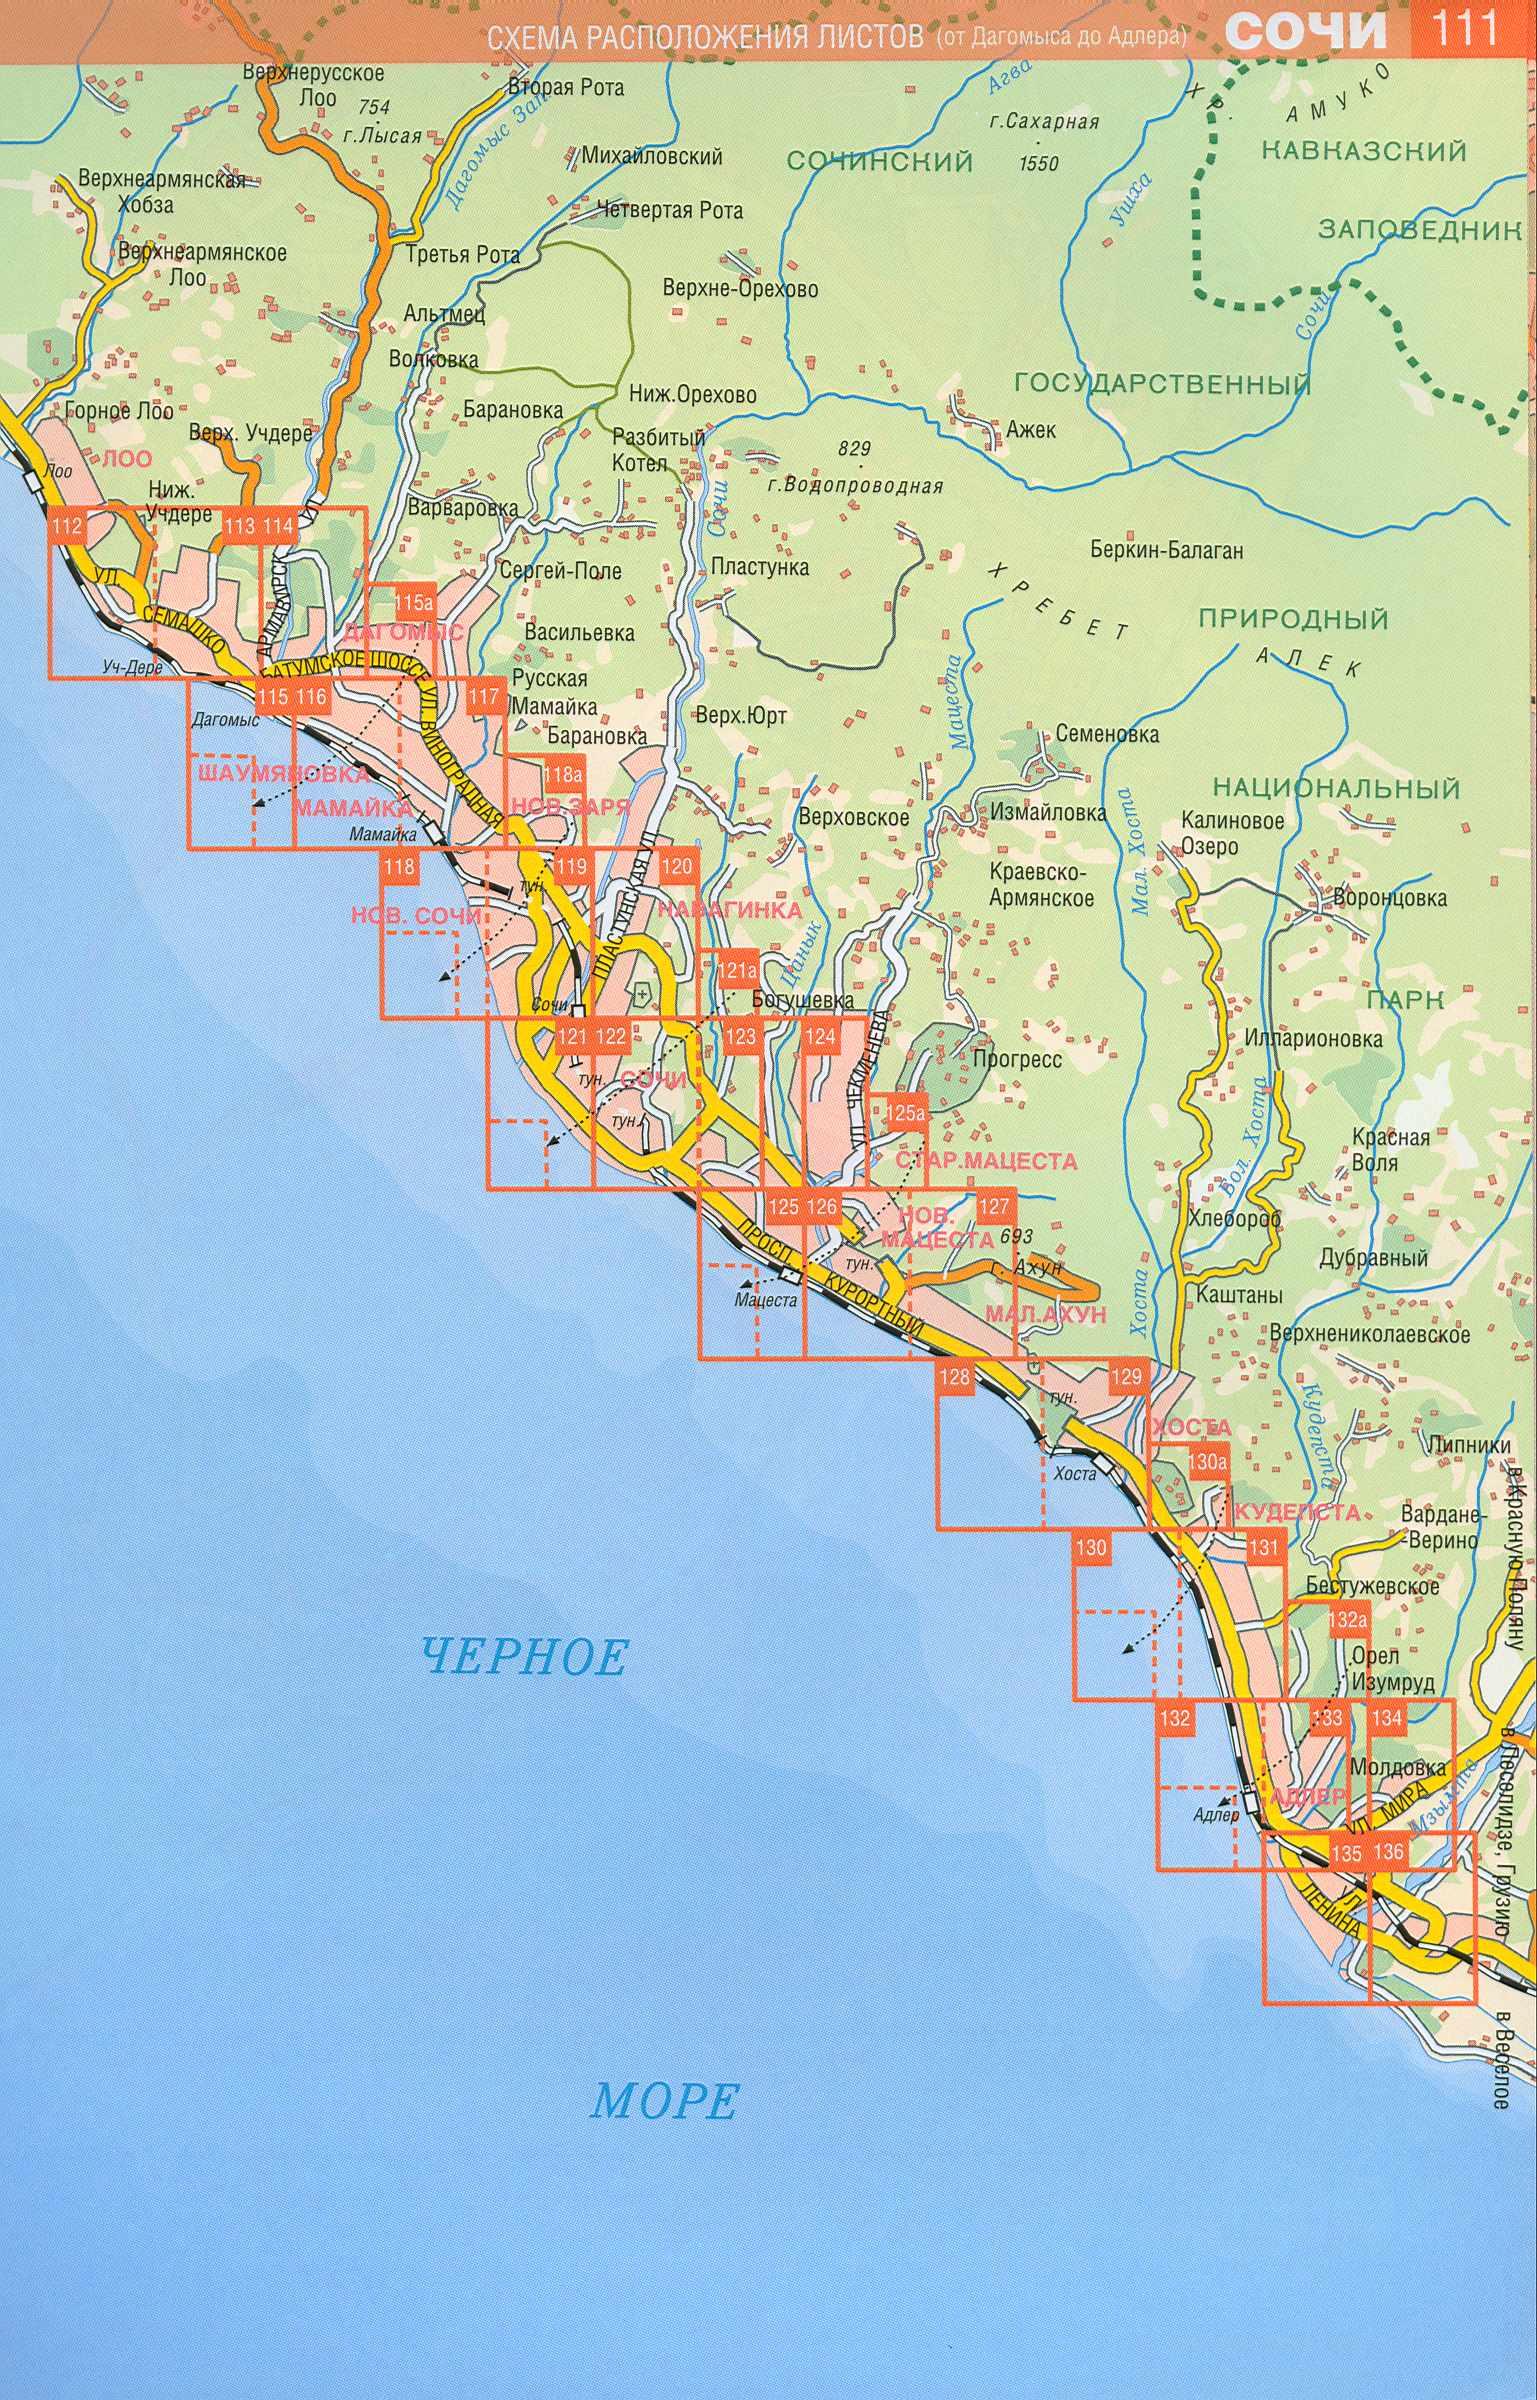 Карта схема автомобильных дорог